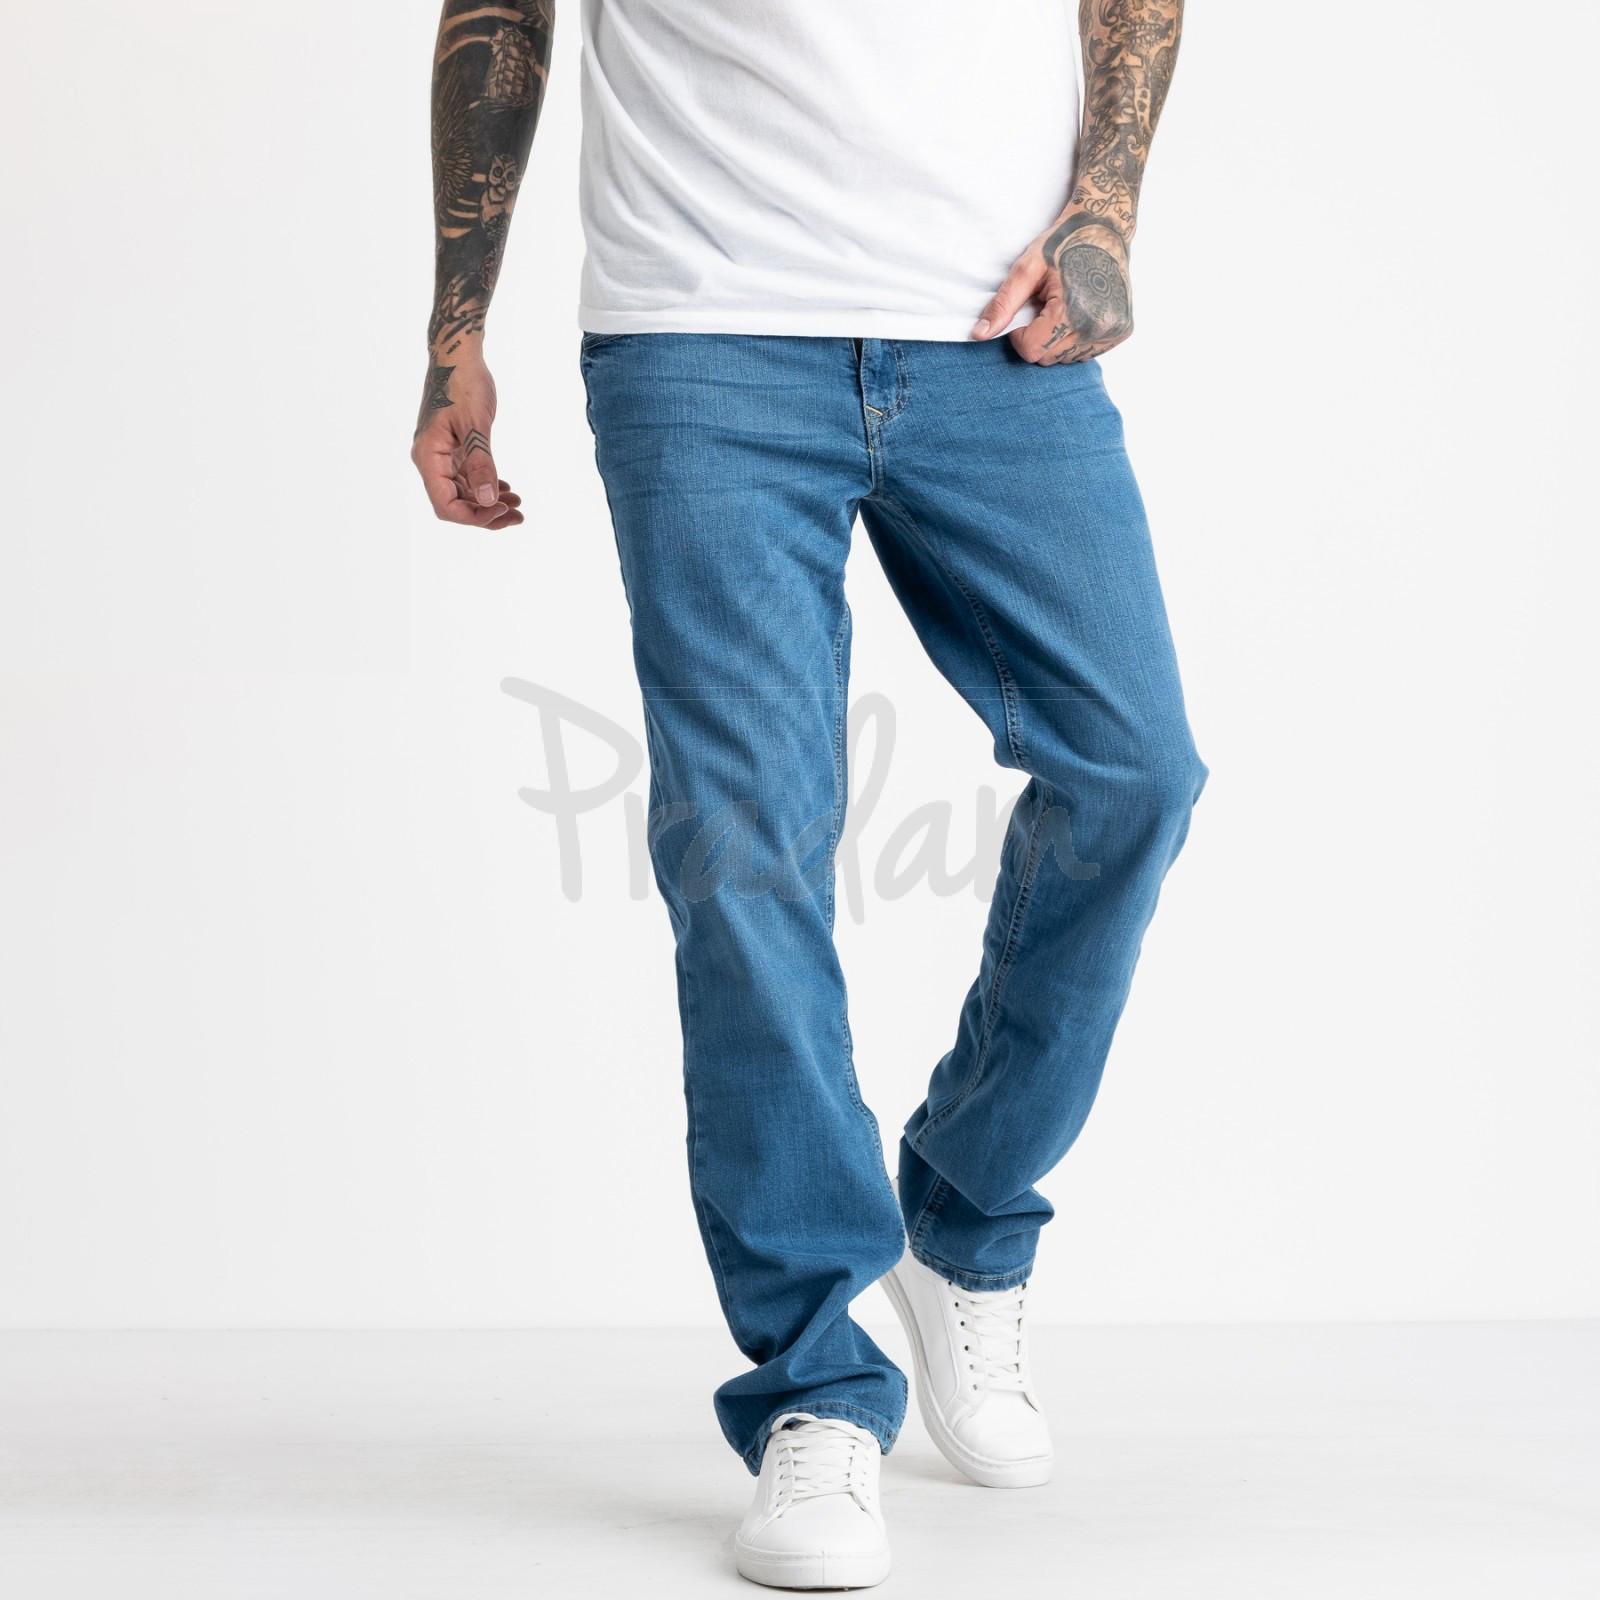 1934-1 Nescoly джинсы мужские голубые стрейчевые (8 ед. размеры: 30.32.34.36/2.40/2.+1)